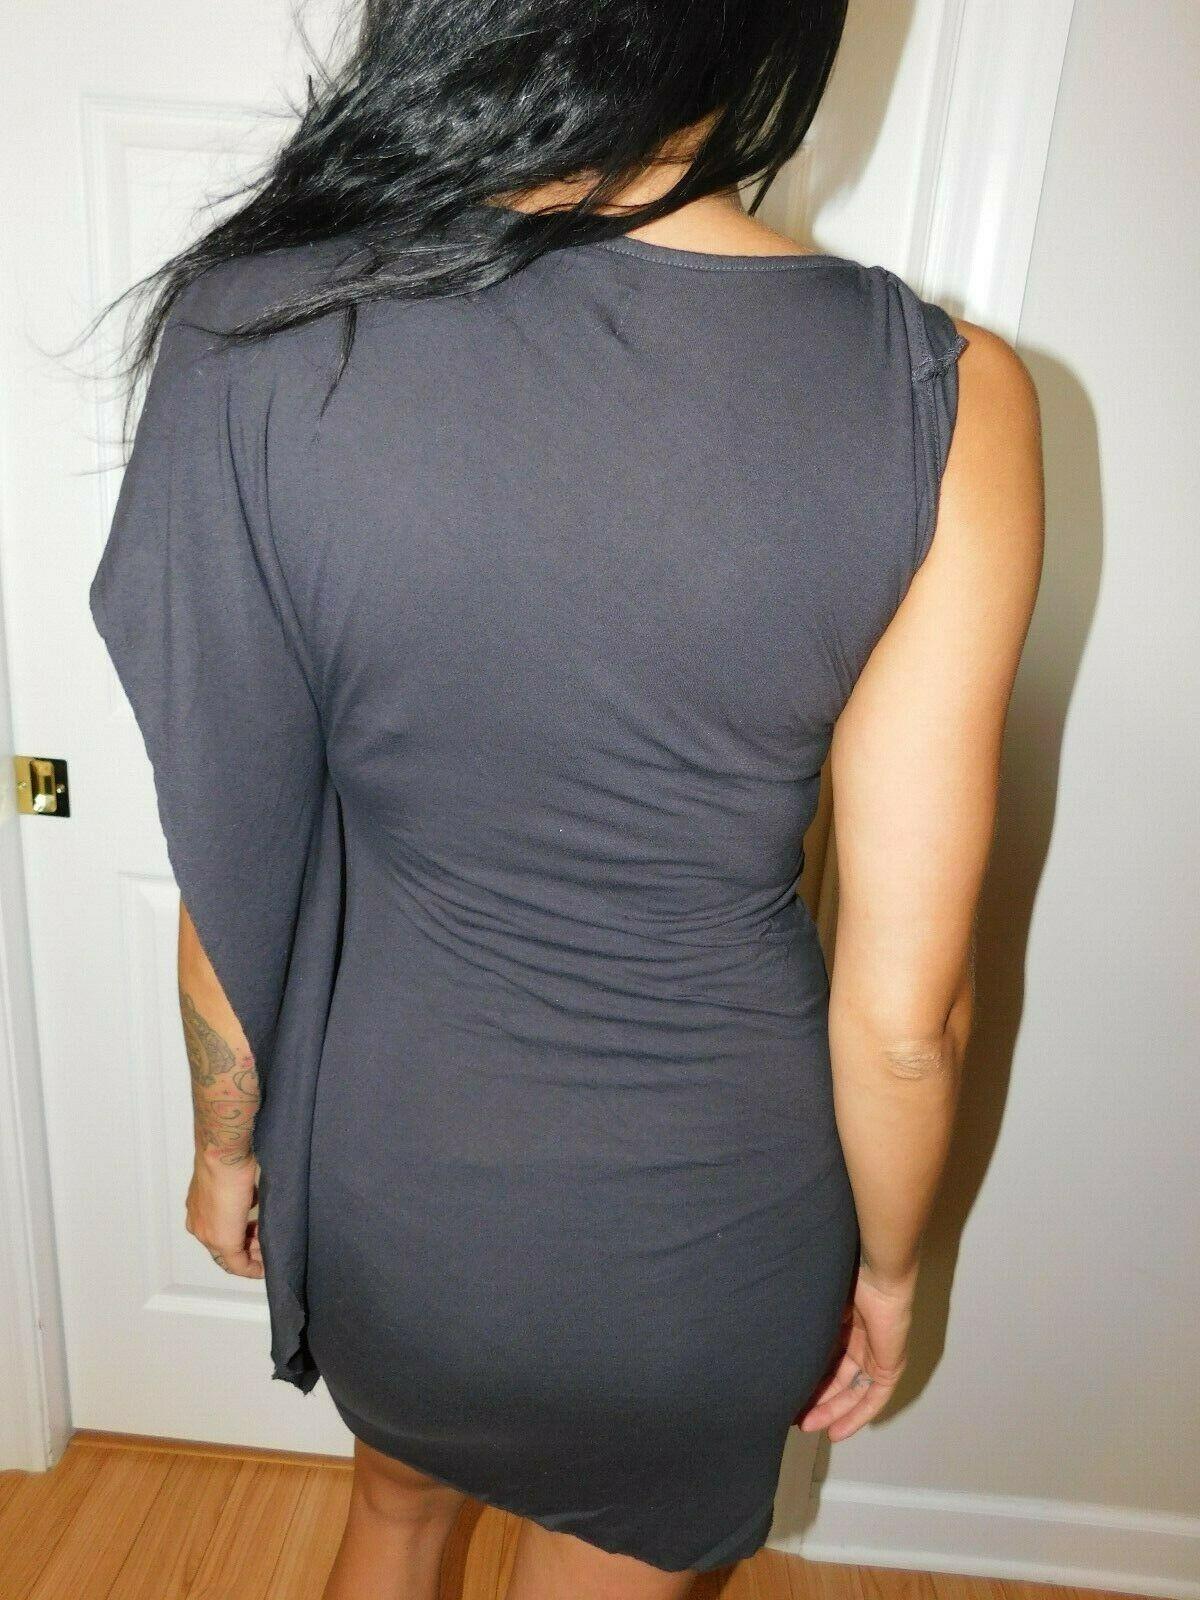 AllSaints Asymmetrical T-shirt Dress Size 8 image 6